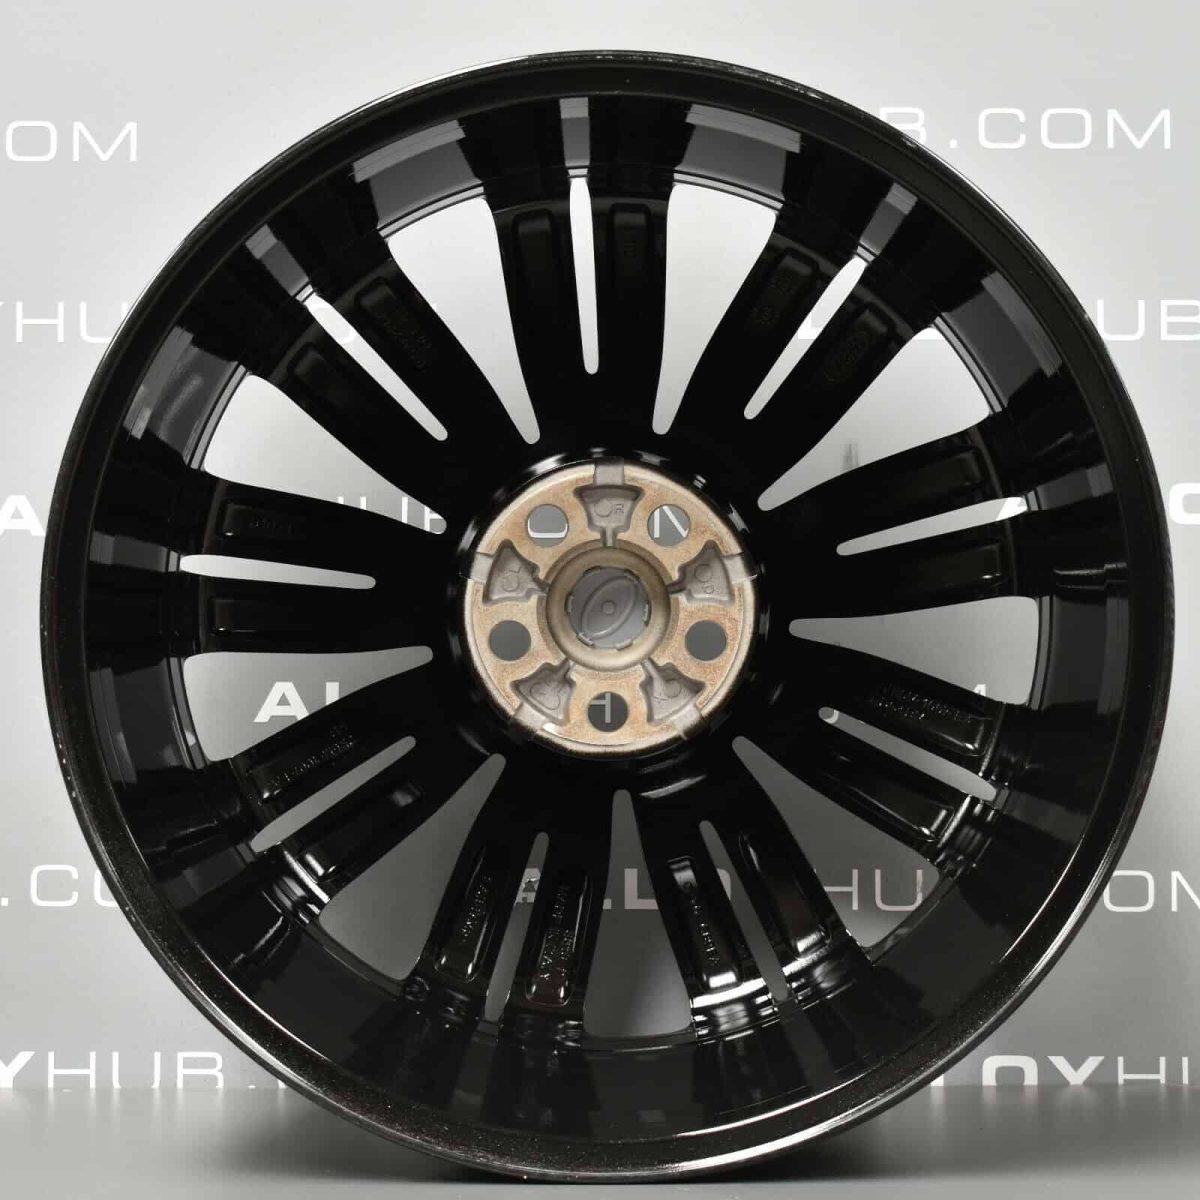 """Genuine Land Rover Range Rover Velar 22"""" inch Style 9007 9 Split-Spoke Gloss Black Alloy Wheels LR093331"""